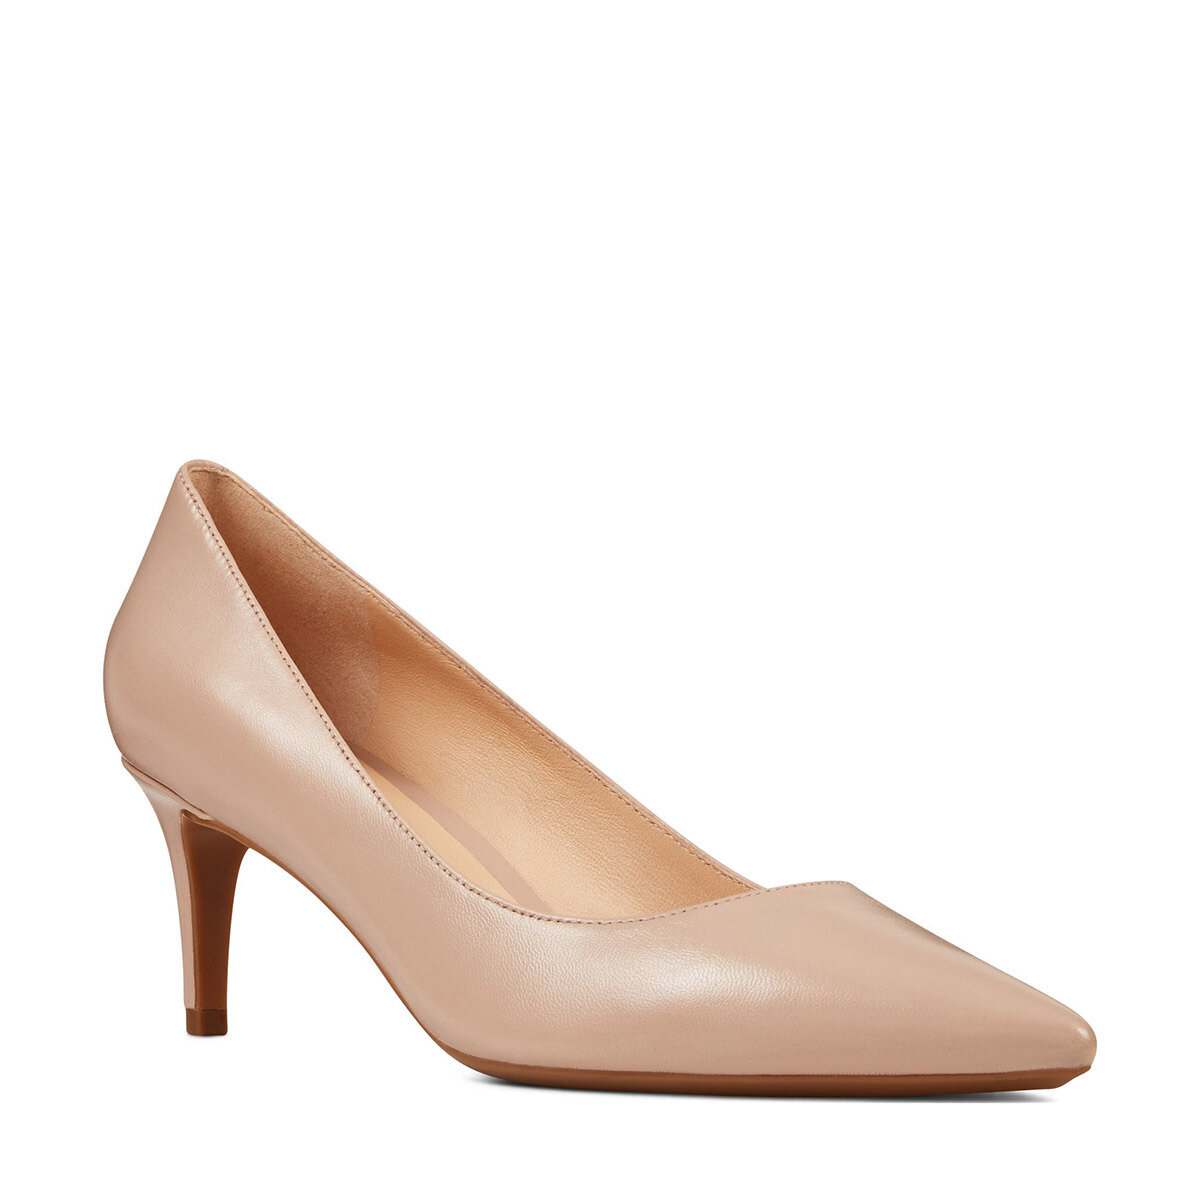 SOHO NUDE Kadın Gova Ayakkabı